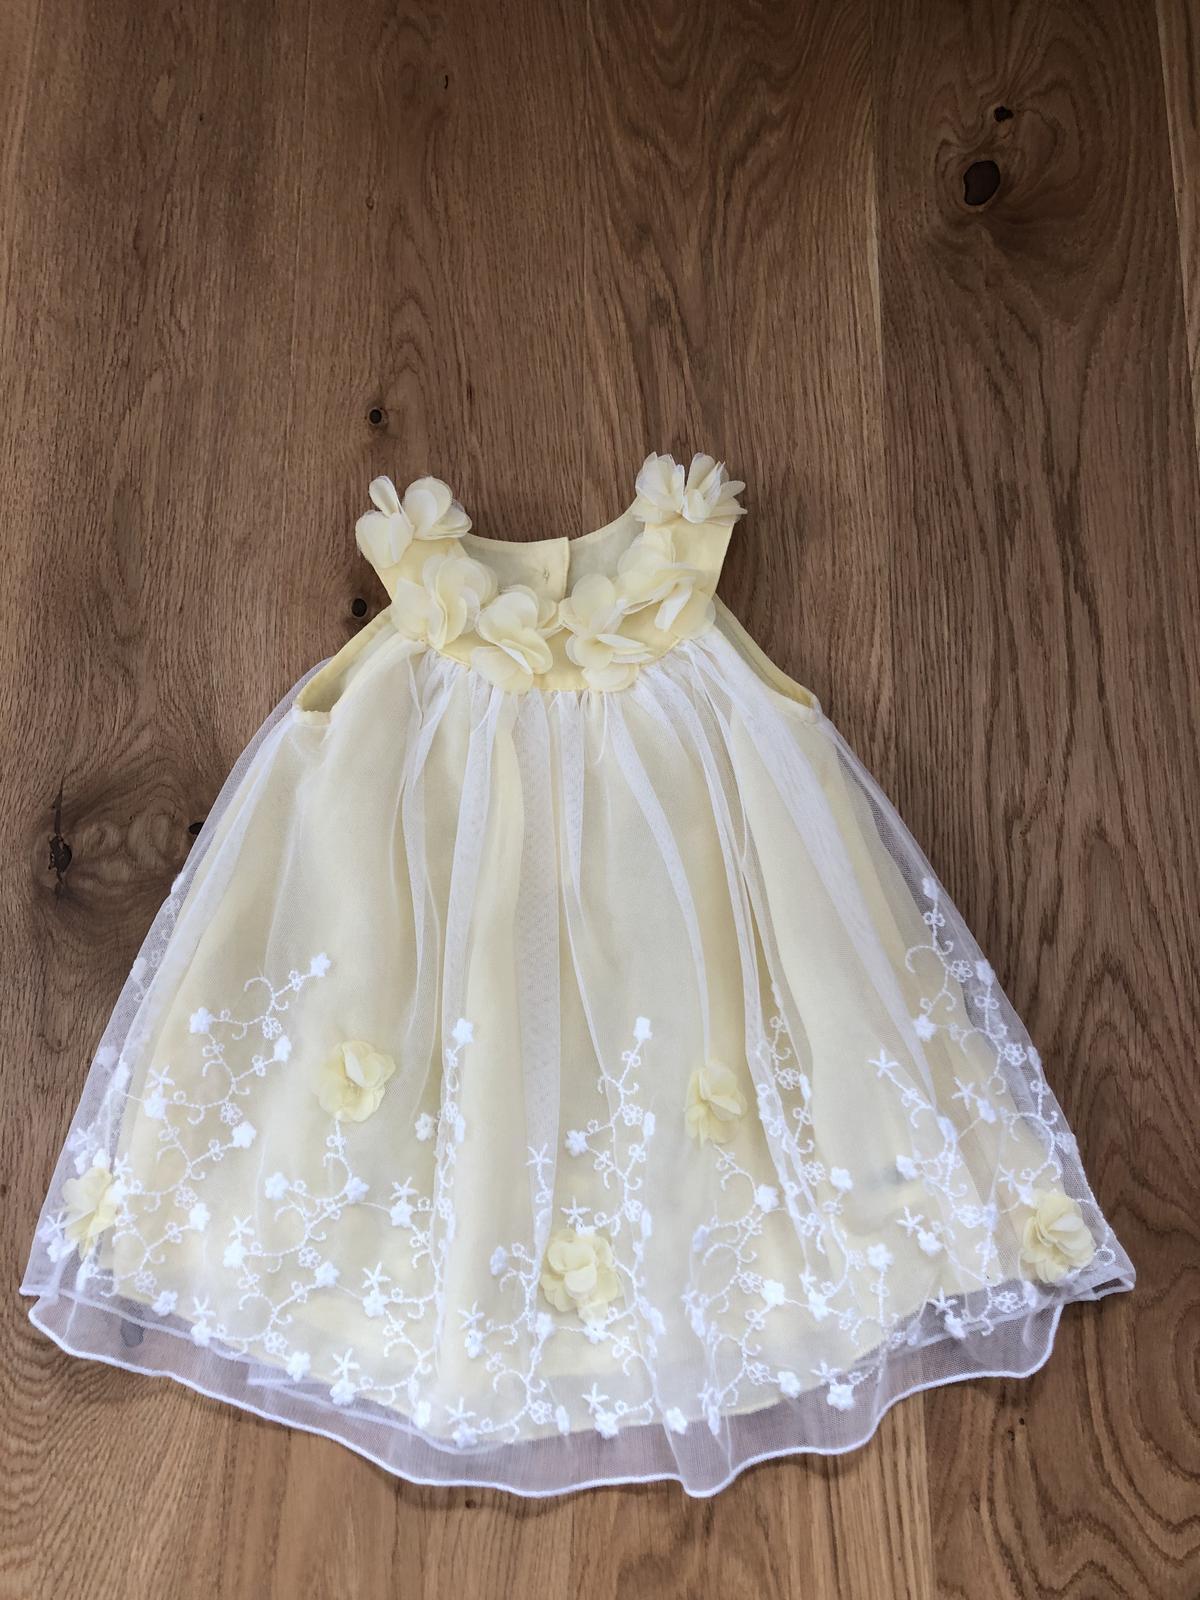 Nové šaty na svatbu 68/74 - Obrázek č. 1